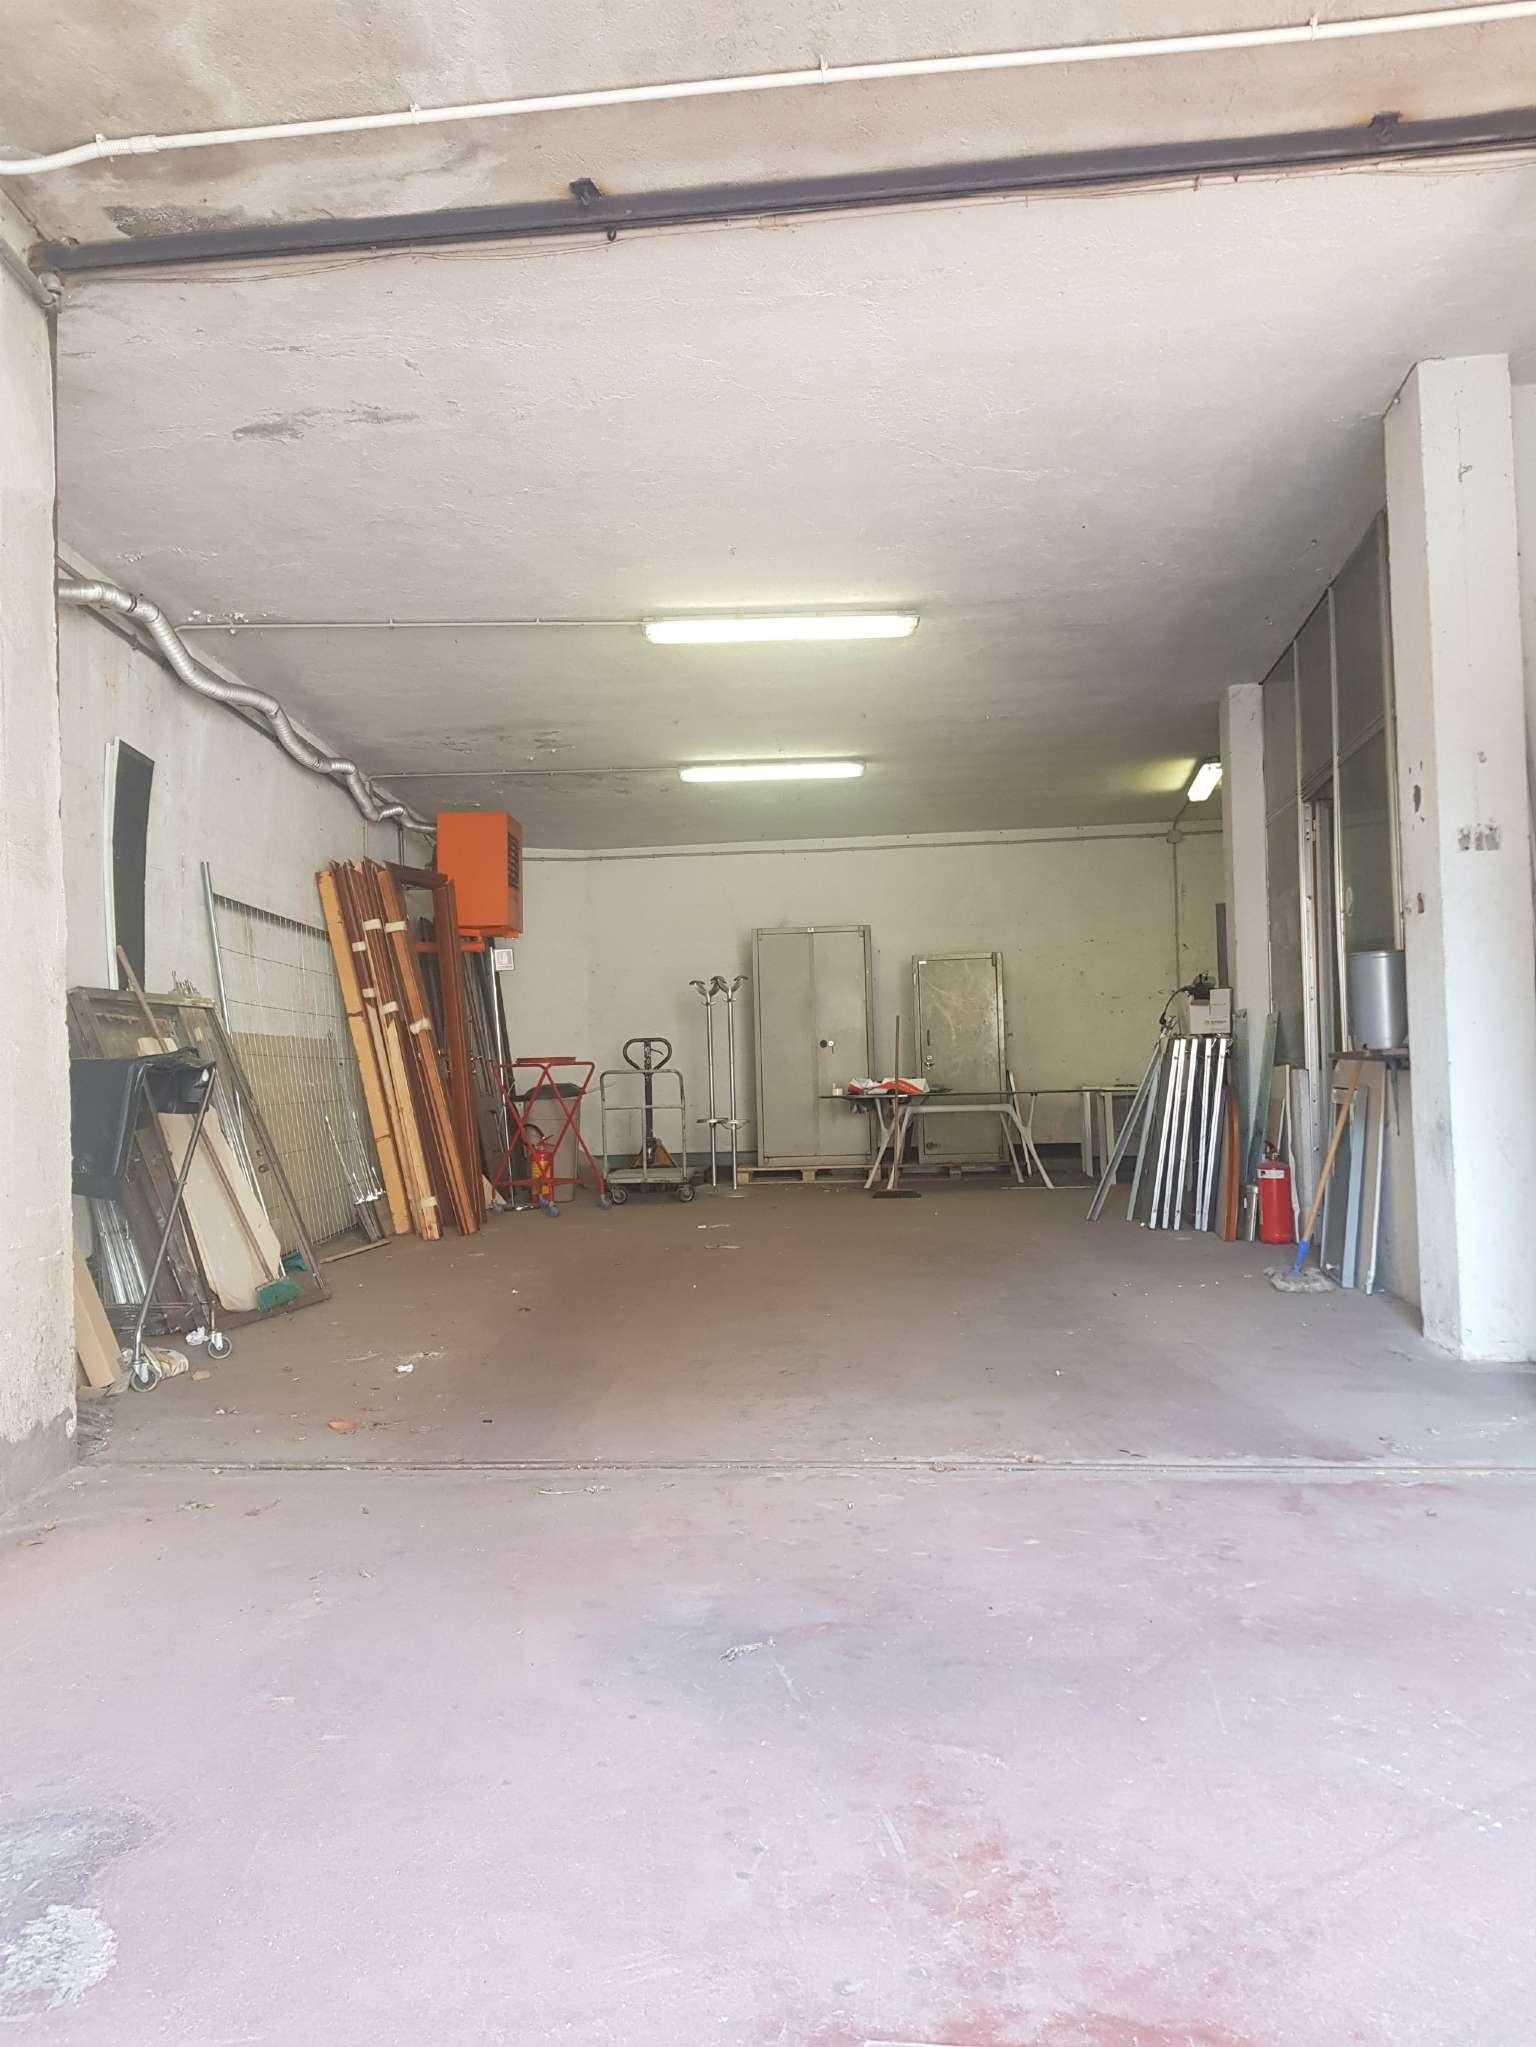 Magazzino in vendita a Grugliasco, 1 locali, prezzo € 105.000 | PortaleAgenzieImmobiliari.it